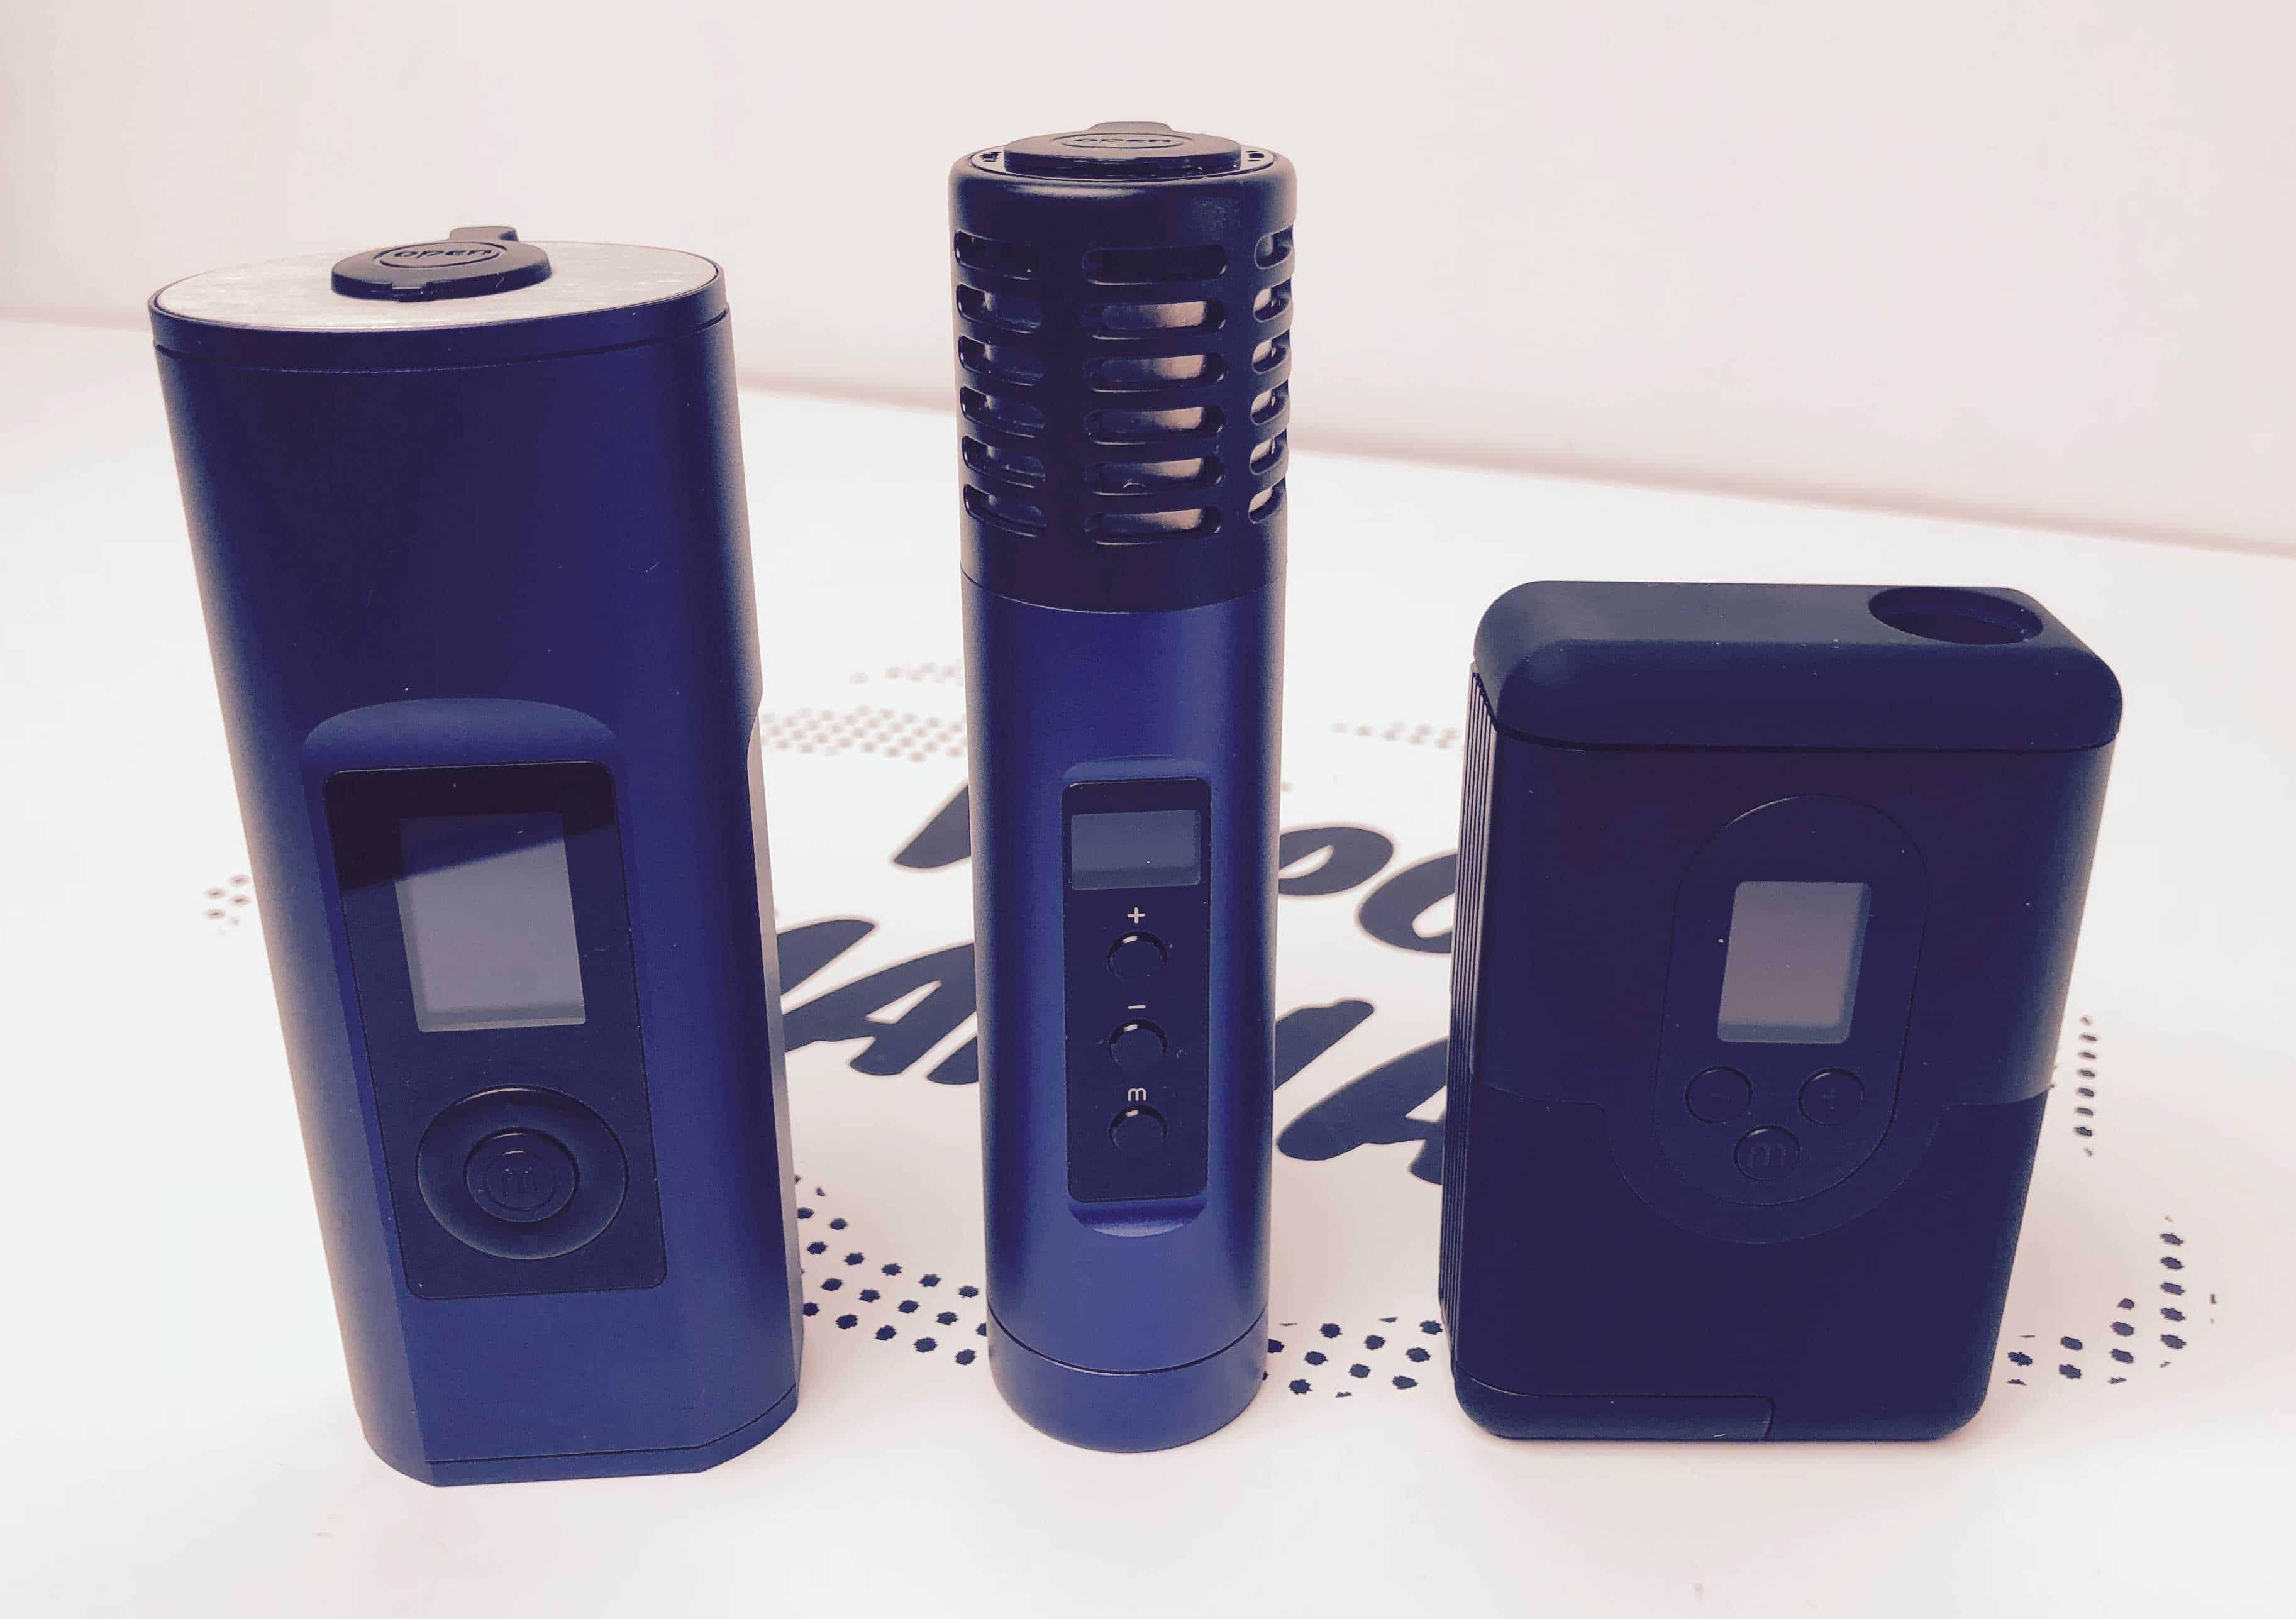 ArGo Vaporizer Porównanie wielkości ArGo (po prawej), Air 2 (w środku) oraz Solo 2 (po lewej).